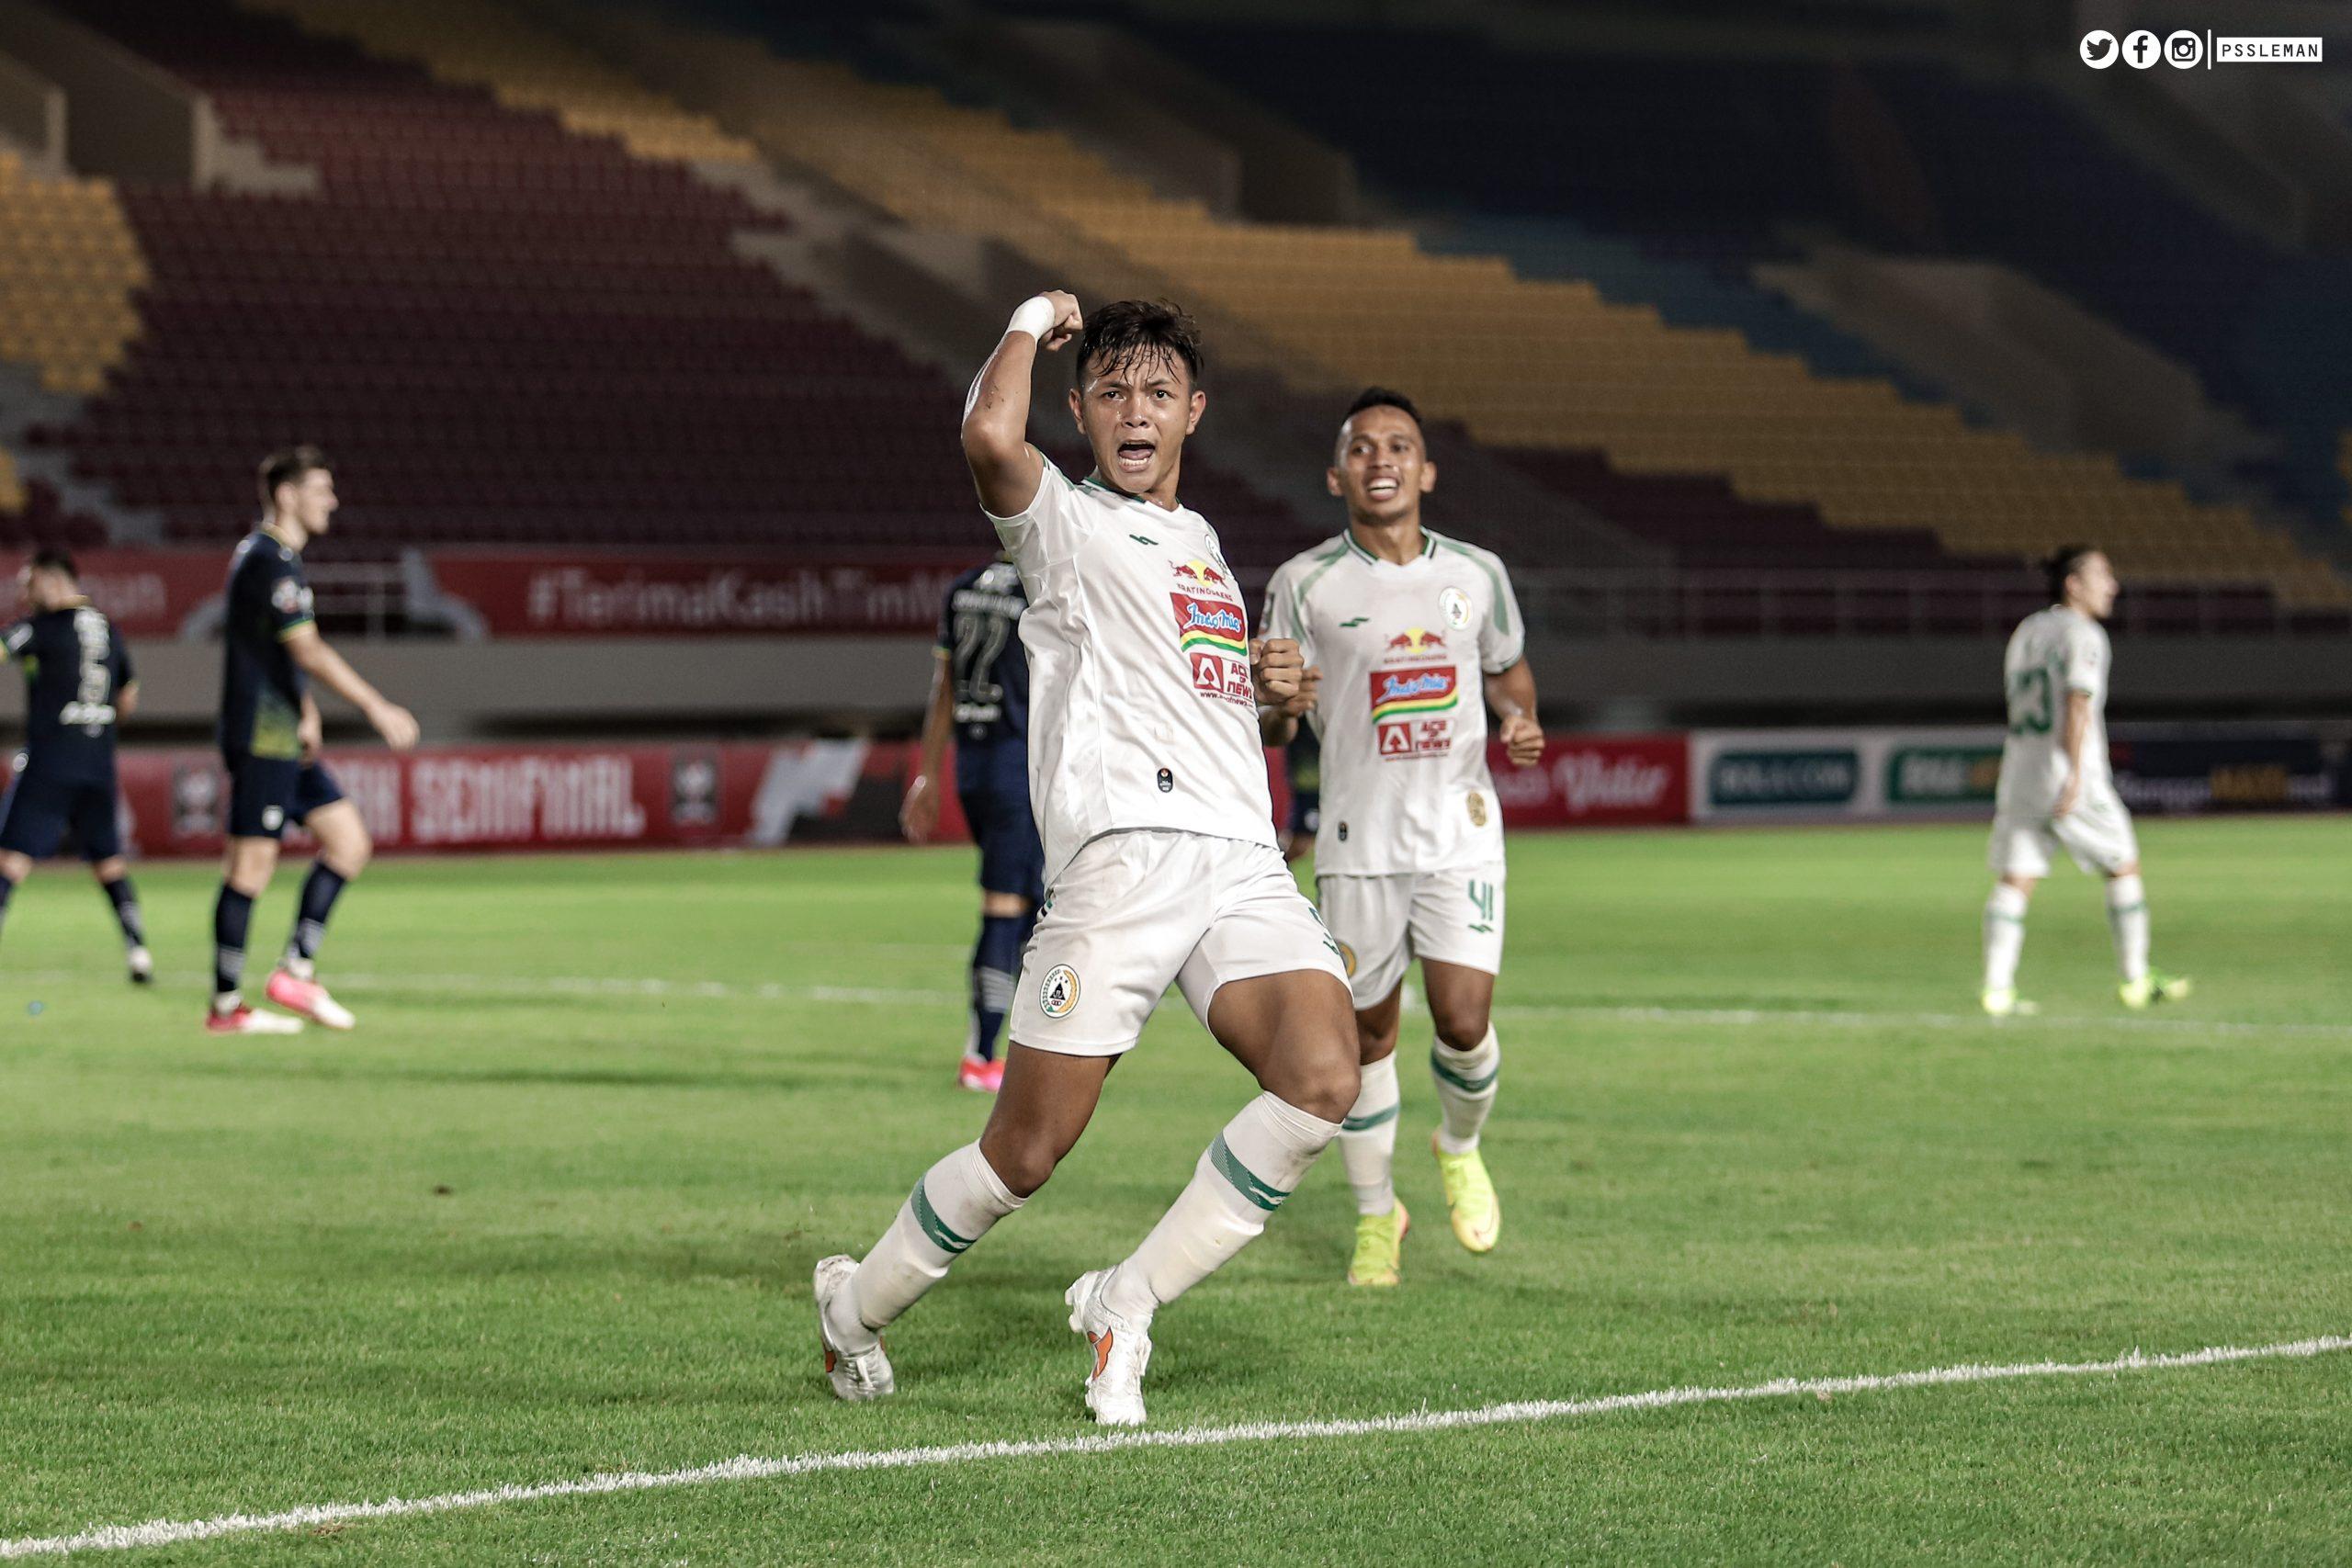 SEMI FINAL LEG 2 Piala Menpora 2021 PSS vs PERSIB